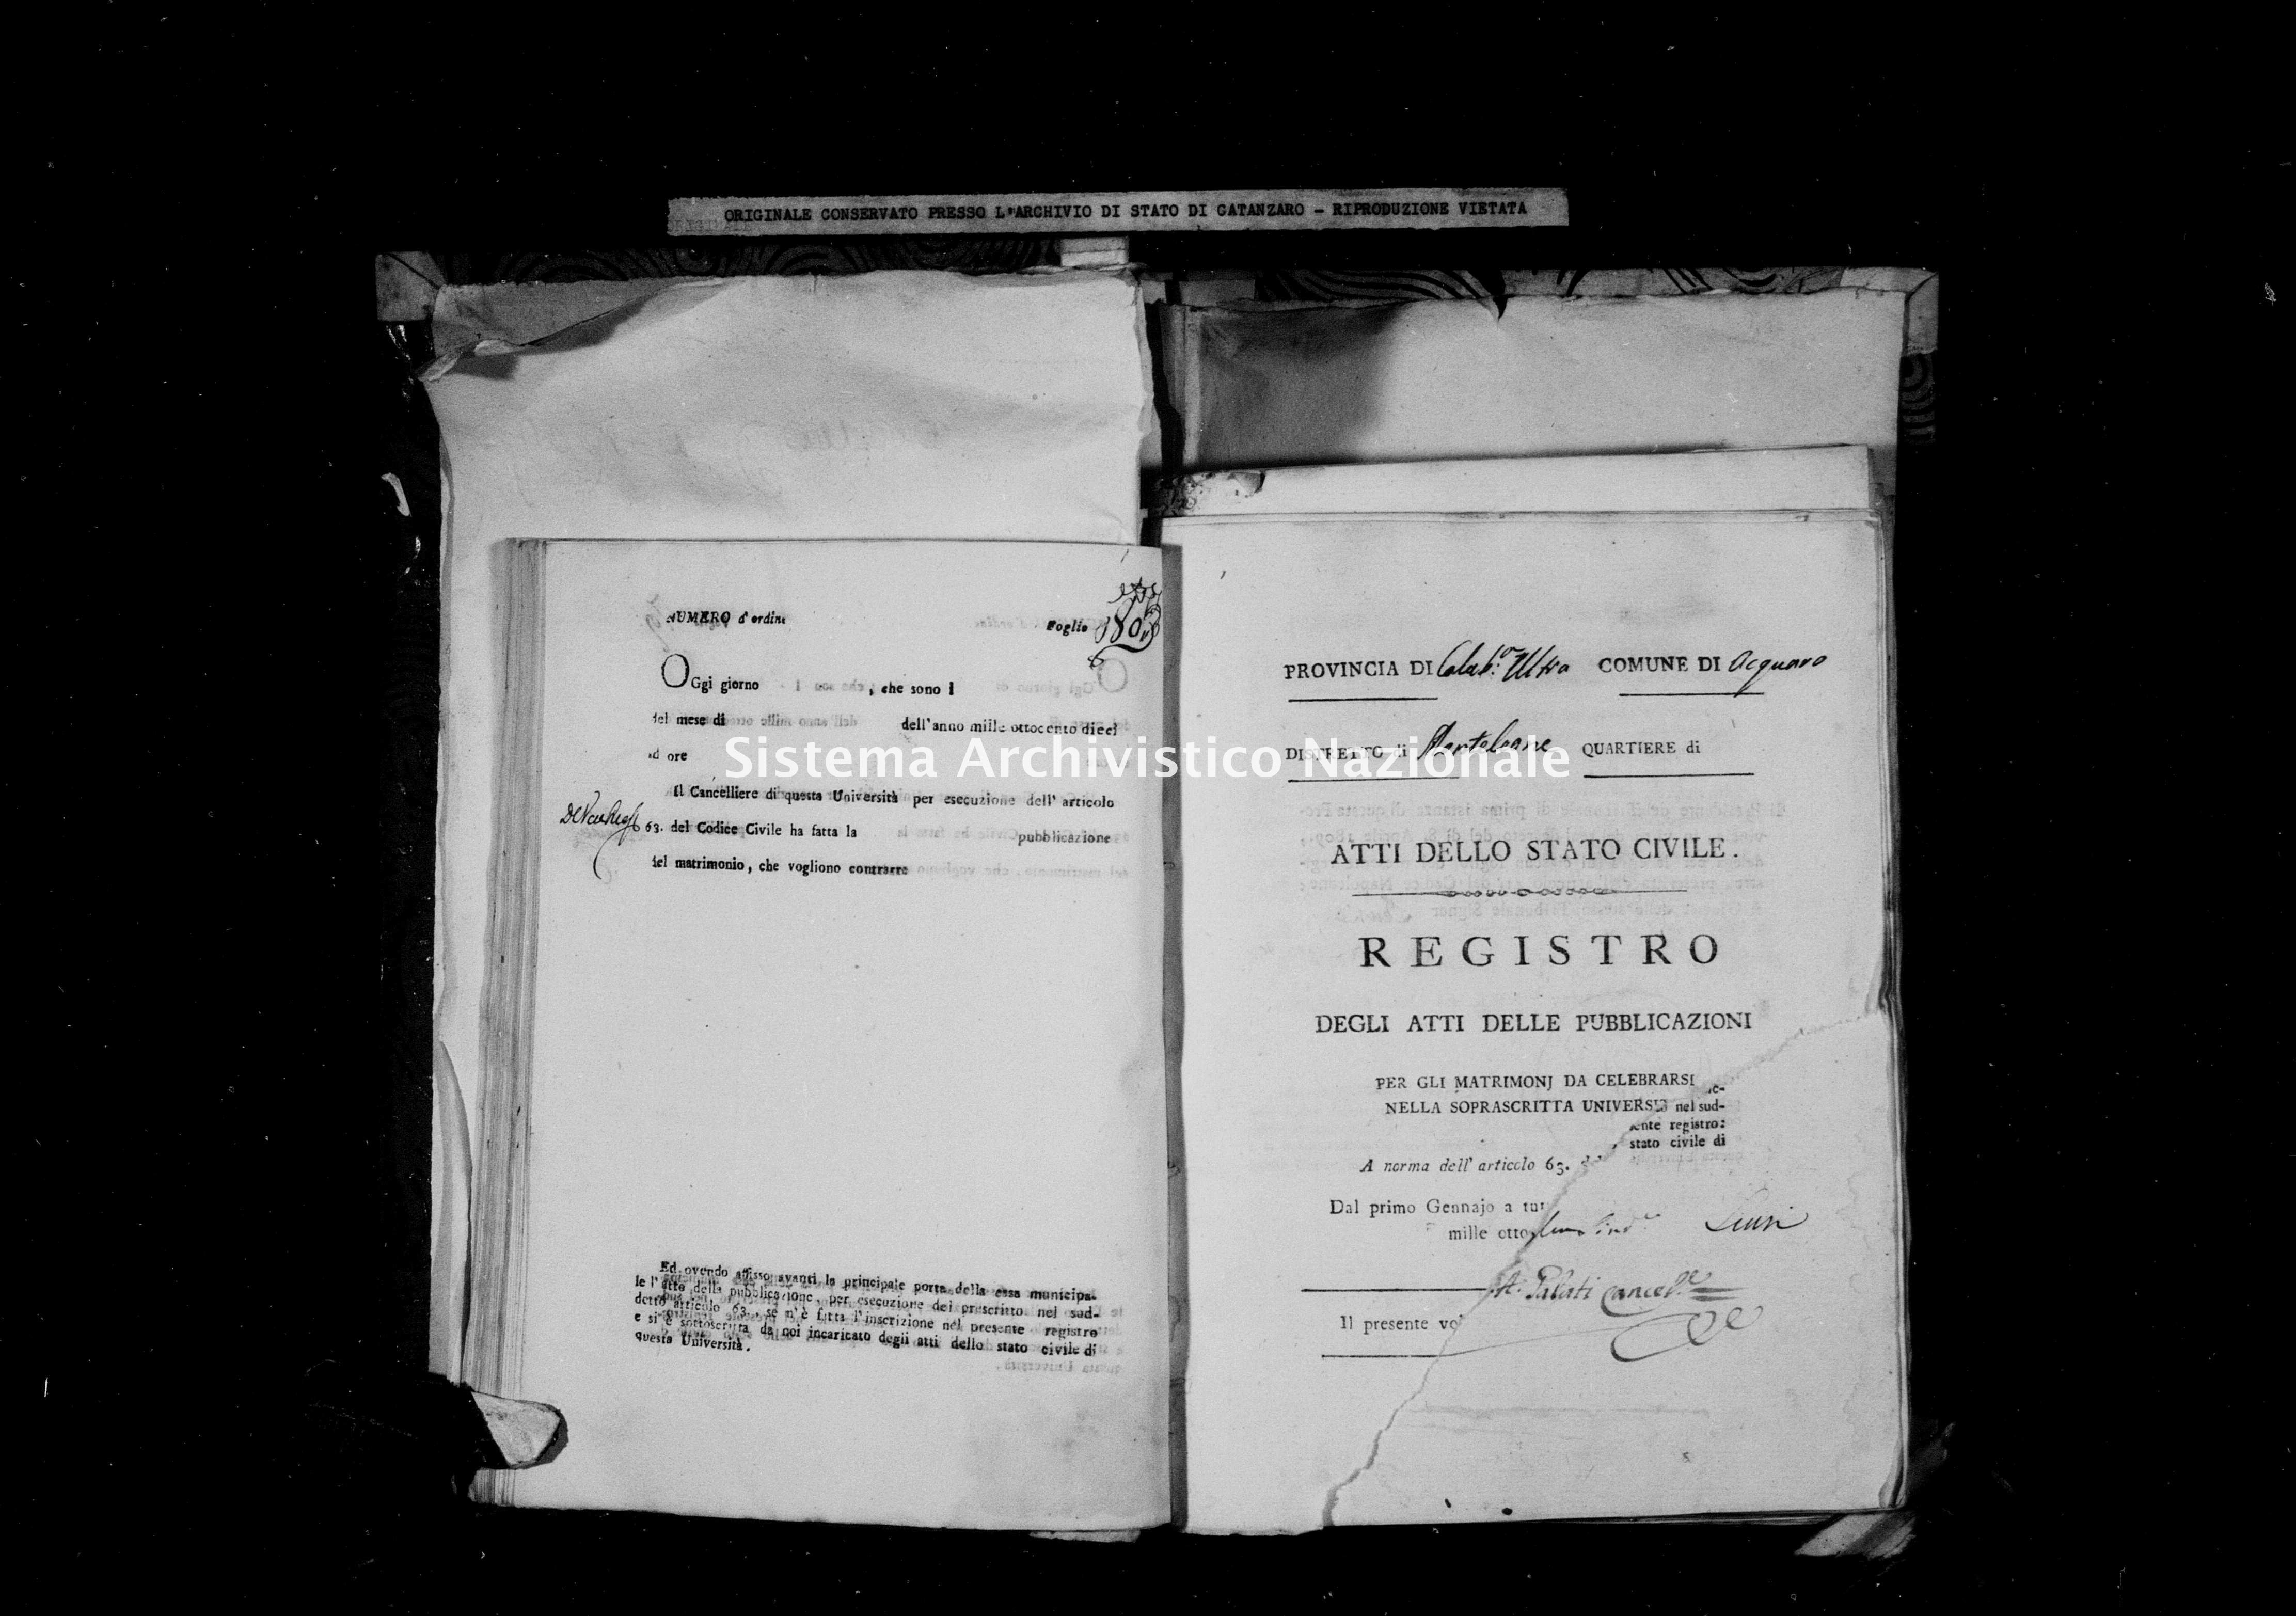 Archivio di stato di Catanzaro - Stato civile napoleonico - Acquaro - Matrimoni, pubblicazioni - 1811 -